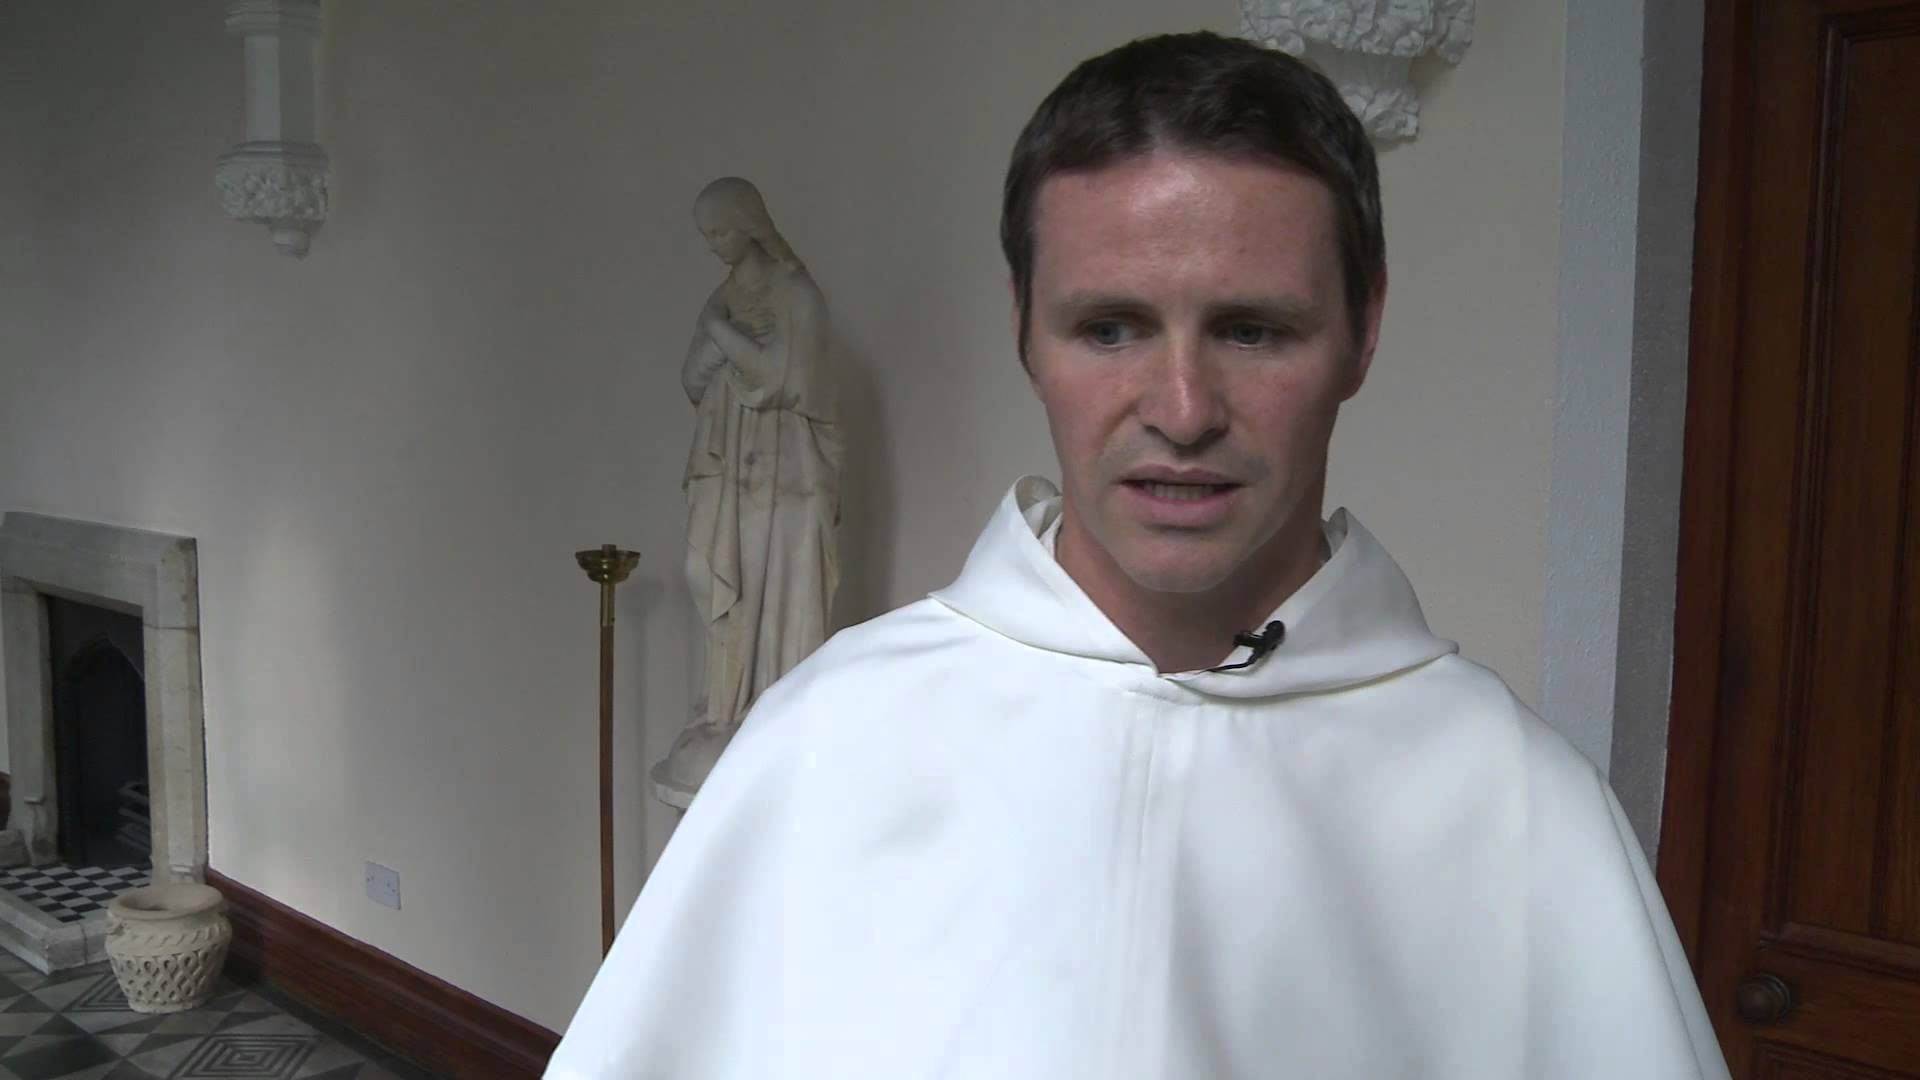 El jugador Philip Mulryne recibió la llamada de la Iglesia cuando colgó los botines en 2008